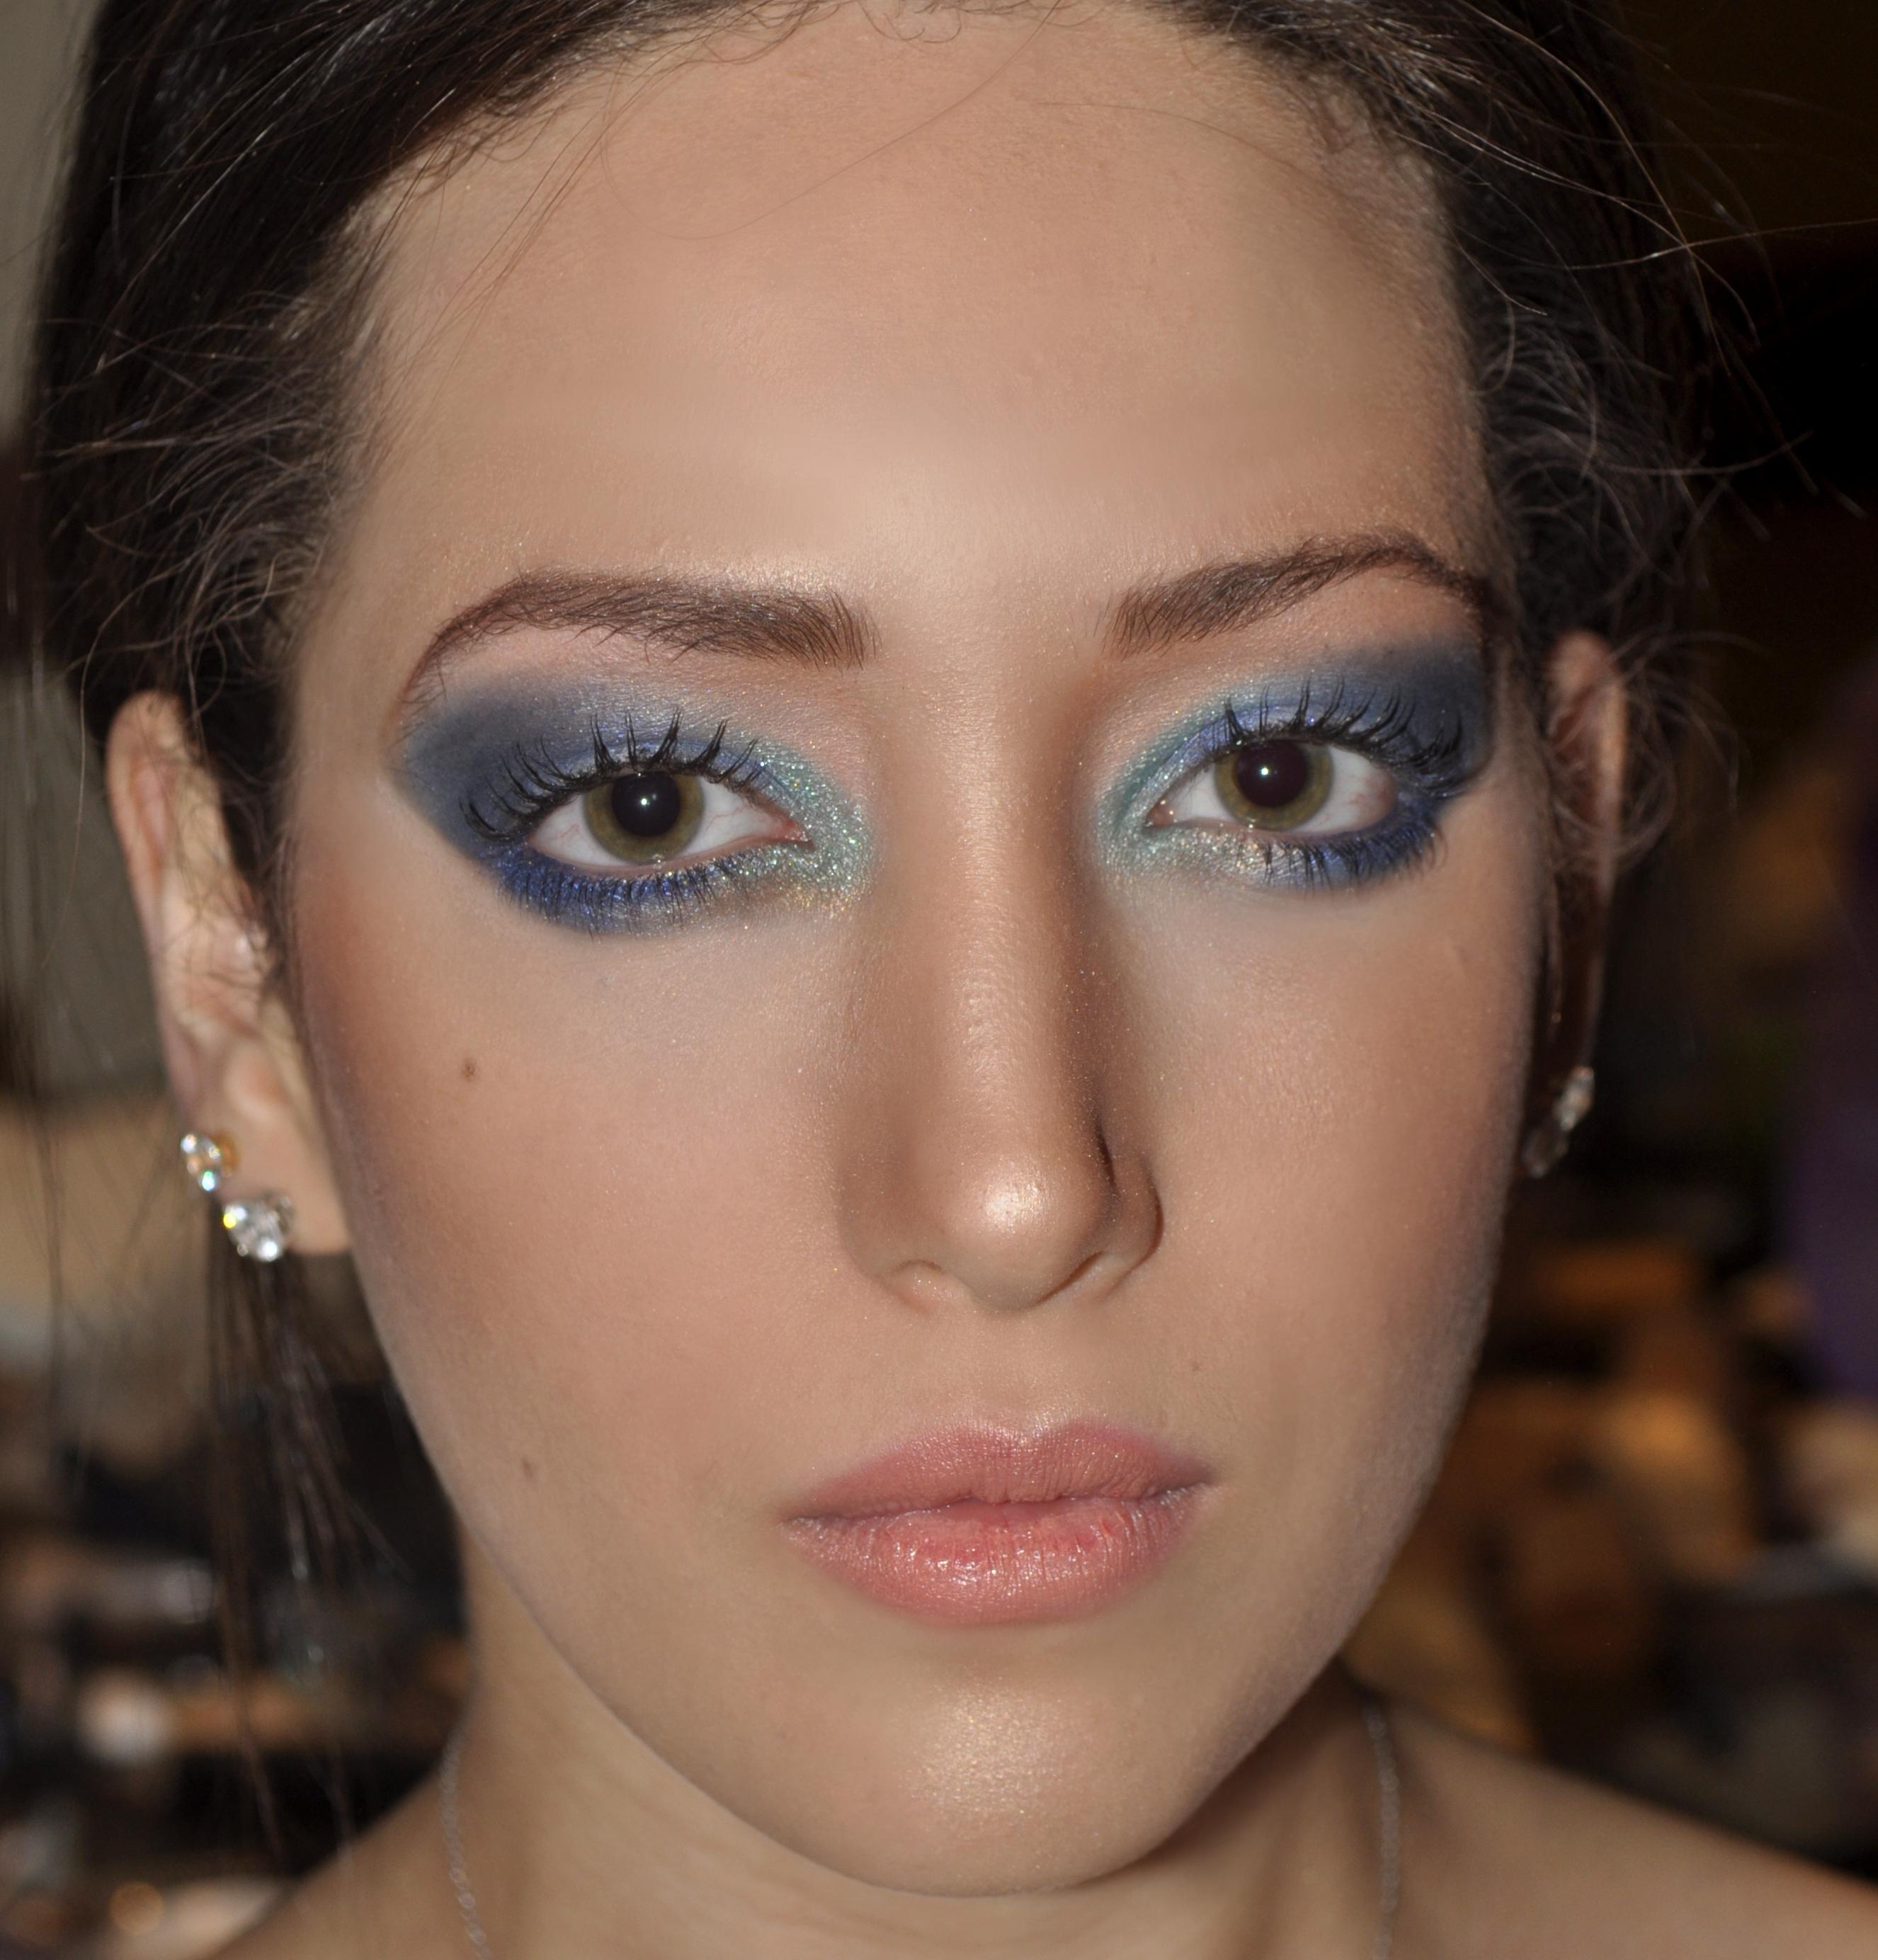 Edgy Makeup